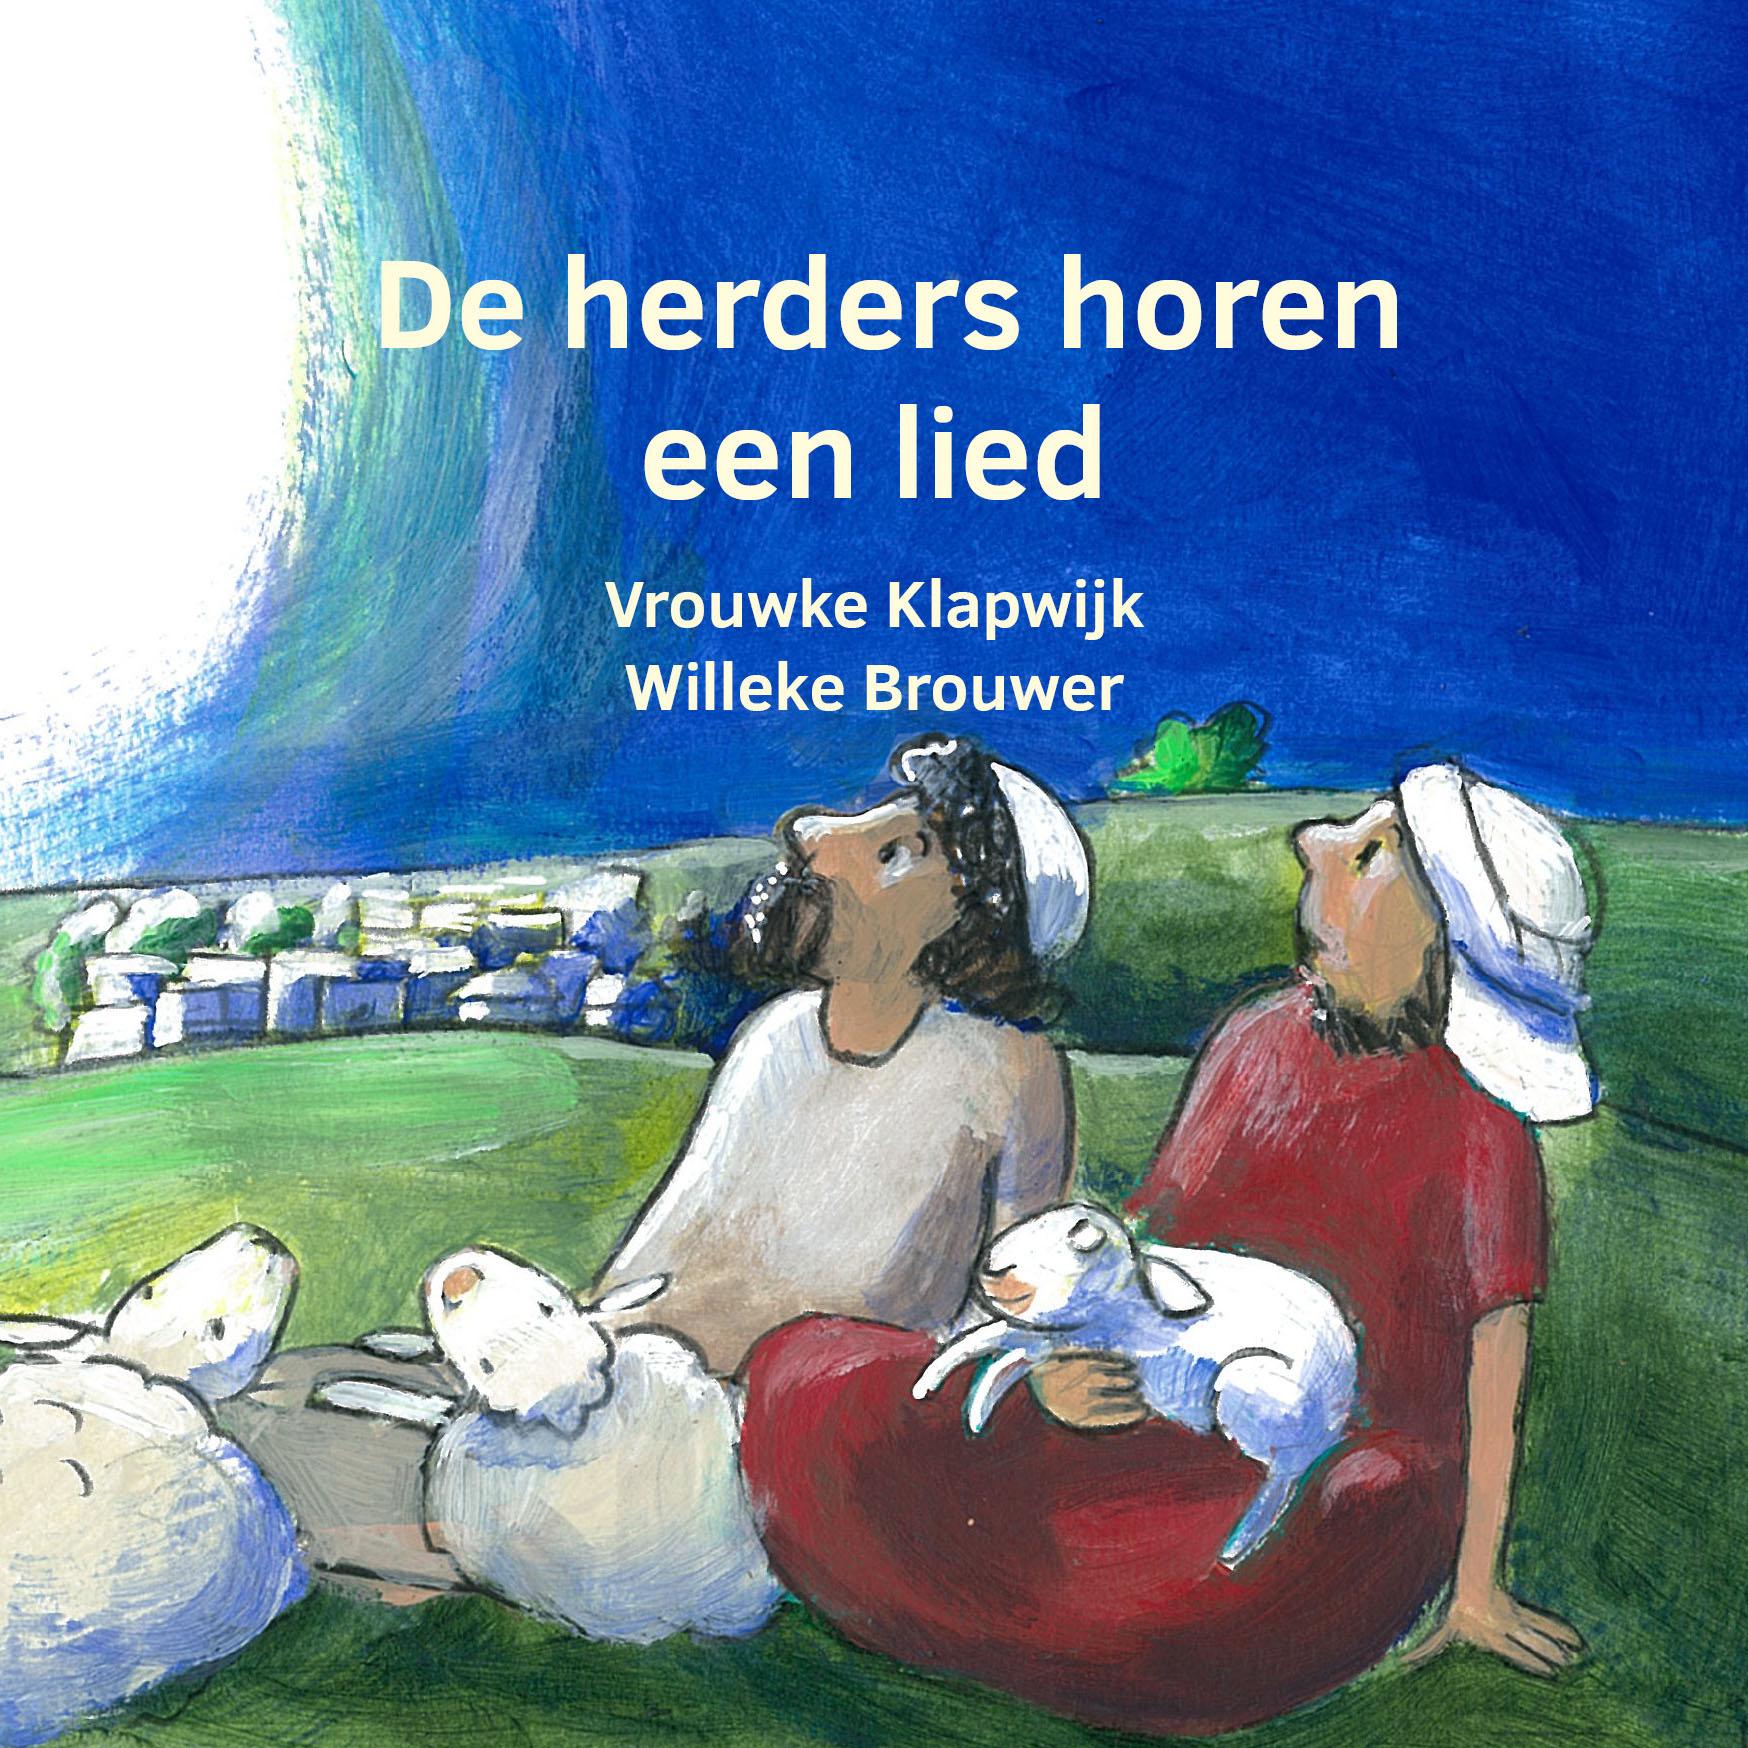 de-herders-horen-een-lied-cover